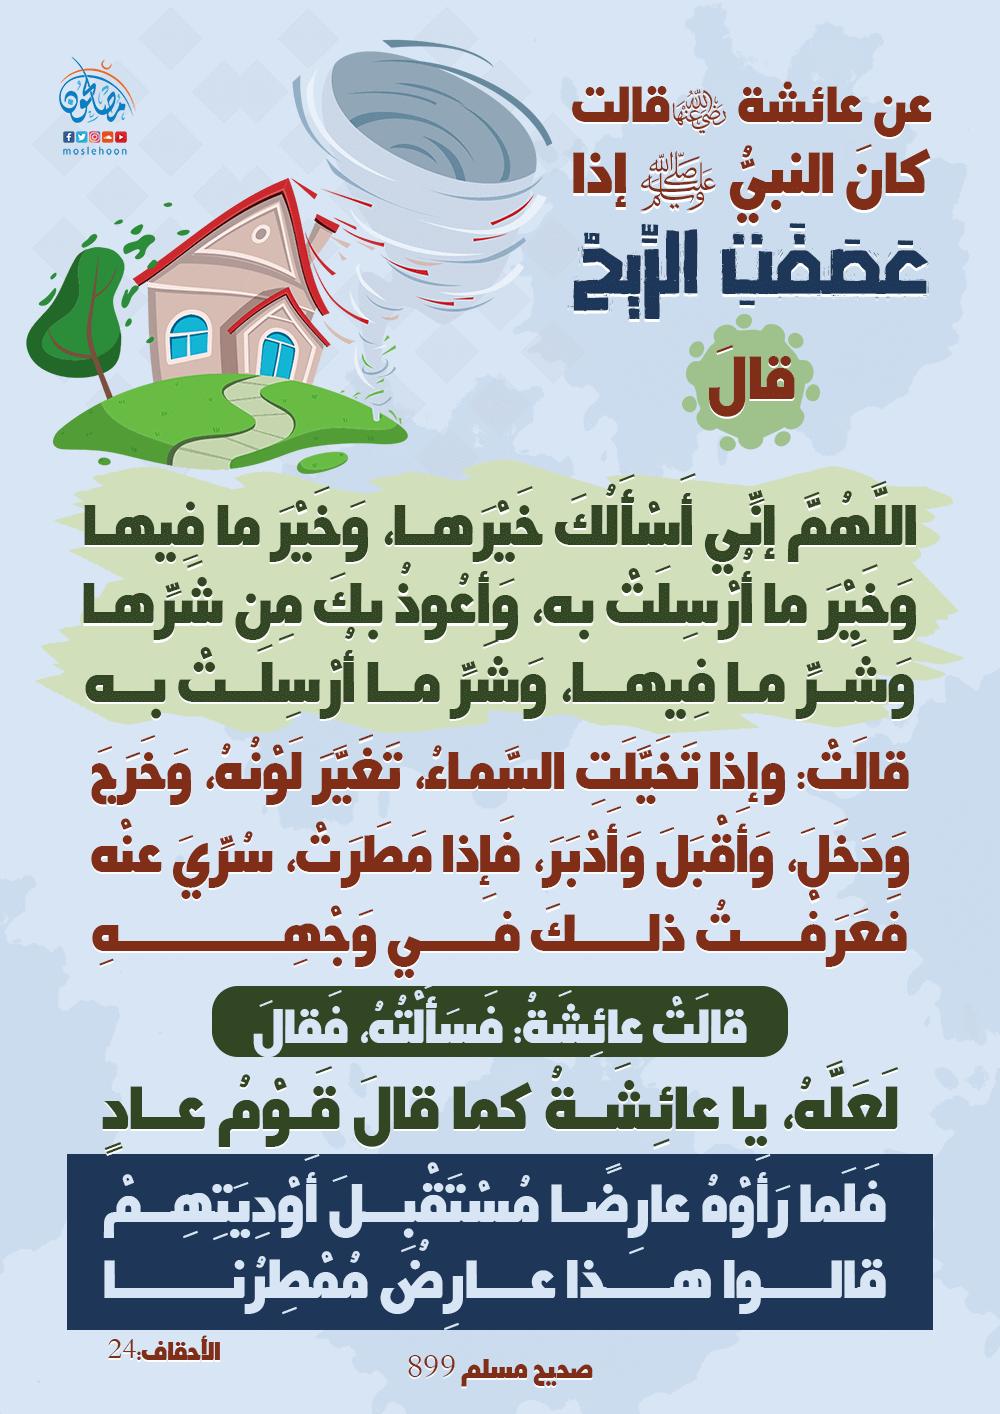 دعاء النبي ﷺ إذا عصفت الريح